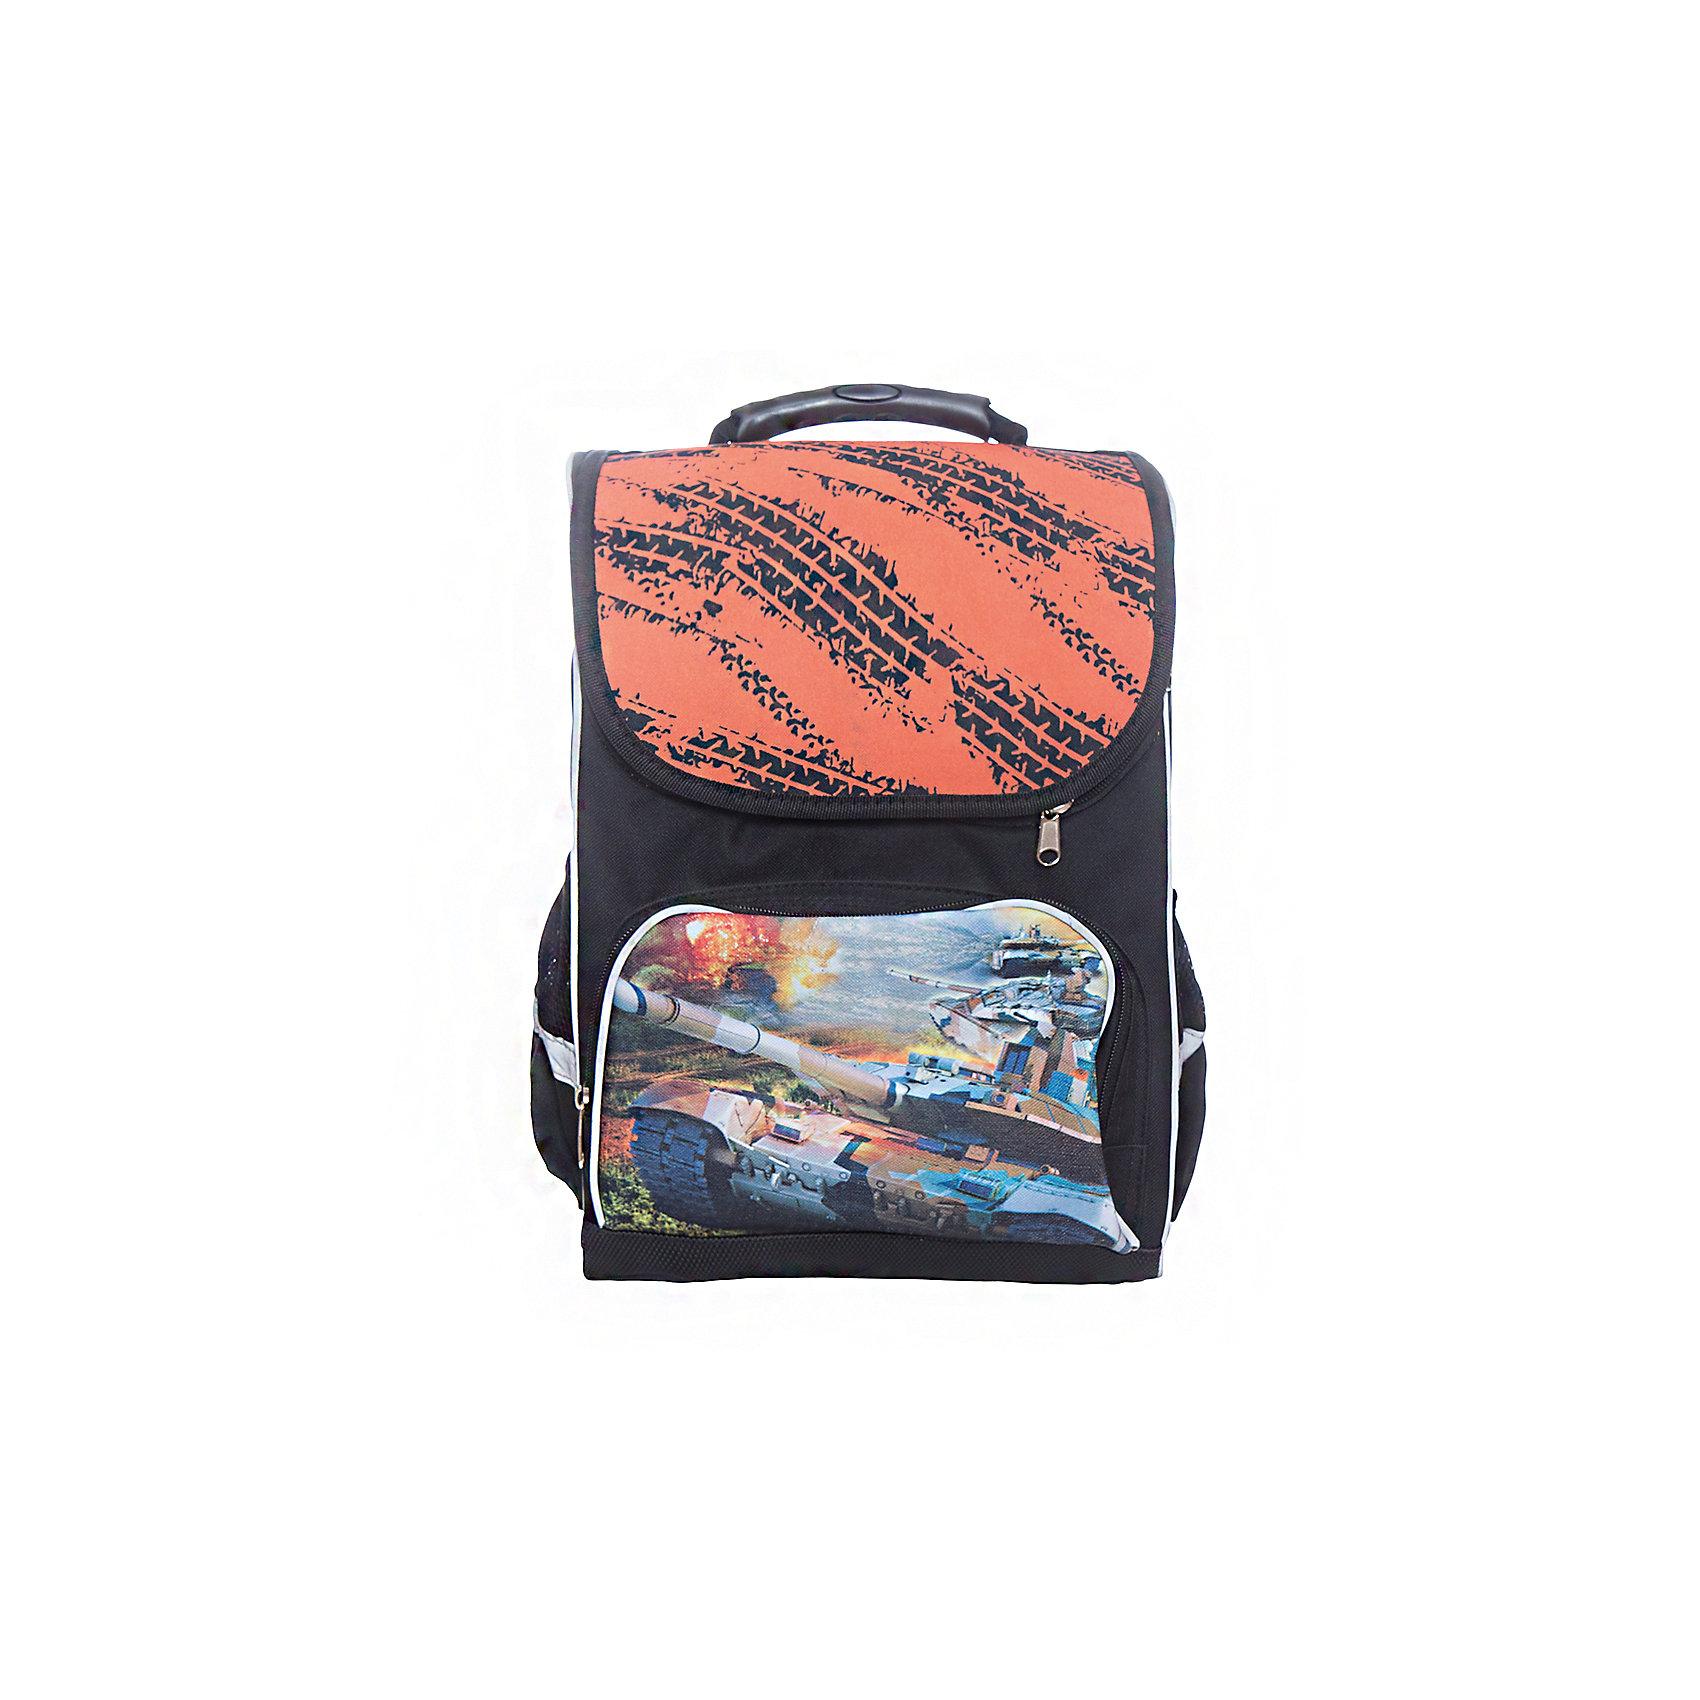 Ранец жесткий Premium box Танки, цвет черно-зеленыйРанцы<br>Характеристики товара:<br><br>• тип: рюкзак, начальная школа<br>• цвет: черно-зеленый <br>• состав: полиэстер 100%<br>• пол: для девочки<br>• вид застежки: молния<br>• размеры: 18 х 28 х 37 см<br>• сезон: круглогодичный<br>• бренд: Limpopo<br>• страна бренда: США<br>• страна производитель: Китай<br><br>Ранец Premium box Танки, предназначенный для учеников младших классов, выполнен в стильном, ярком дизайне, отличается надежной и крепкой конструкцией, которая придется по душе самому взыскательному покупателю. <br><br>Жетский каркас не позволит ранцу сгибаться и терять форму. <br><br>Снаружи ранец оснащен двумя боковыми карманами- сеточками одним передним карманом на замке, а также устойчивым дном на ножках, защищающим от загрязнения. <br><br>Внутри ранца находятся три вместительных отдела. Модель ранца Premium box Танки соответствует всем необходимым для здоровья и безопасности ребенка требованиям, а именно расположенными на лямках и передней части ранца светоотражающими элементами, широкими регулируемыми лямками, а также эргономичной спинкой, повторяющей естественный изгиб позвоночника.<br><br>Жесткий ранец Premium box Танки, черно-зеленого цвета торговой марки Limpopo можно купить в нашем интернет-магазине.<br><br>Ширина мм: 180<br>Глубина мм: 4200<br>Высота мм: 300<br>Вес г: 975<br>Возраст от месяцев: 72<br>Возраст до месяцев: 96<br>Пол: Мужской<br>Возраст: Детский<br>SKU: 5475525